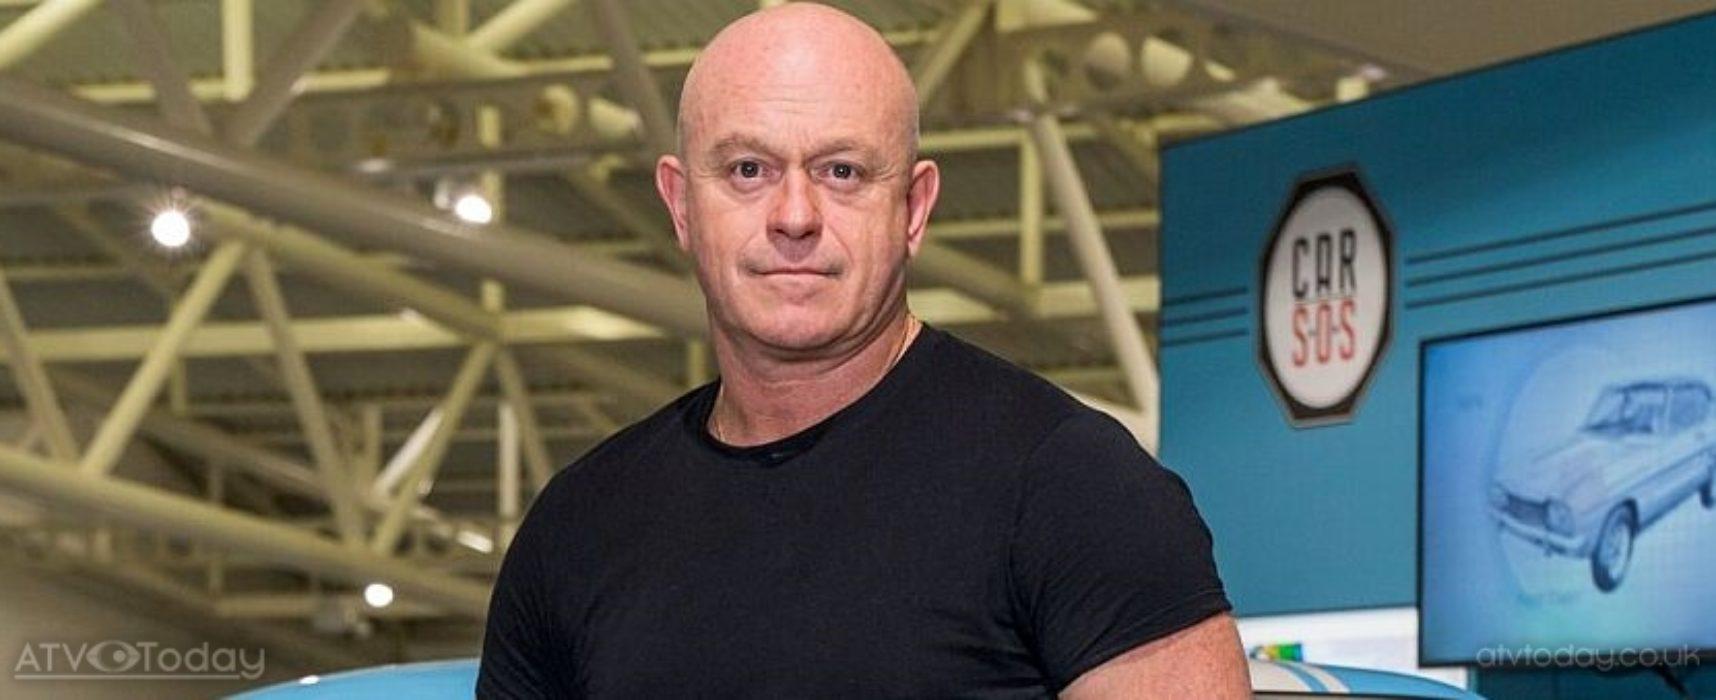 Ross Kemp talks knife crime ITV special